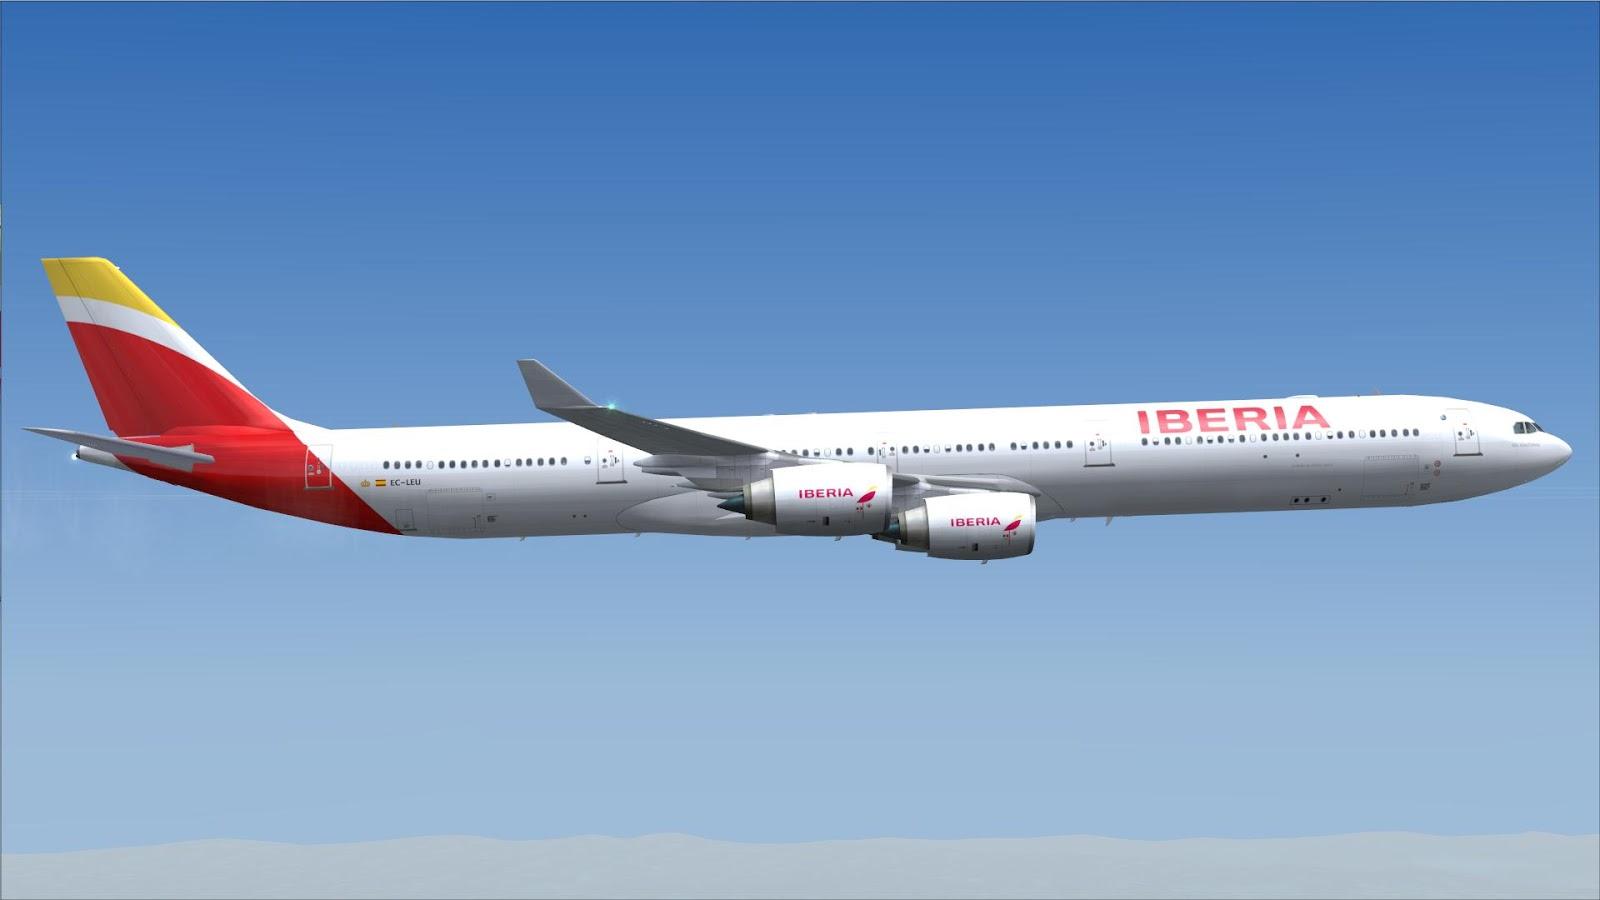 FSRepainter: CLS A340-600 Iberia EC-LEU